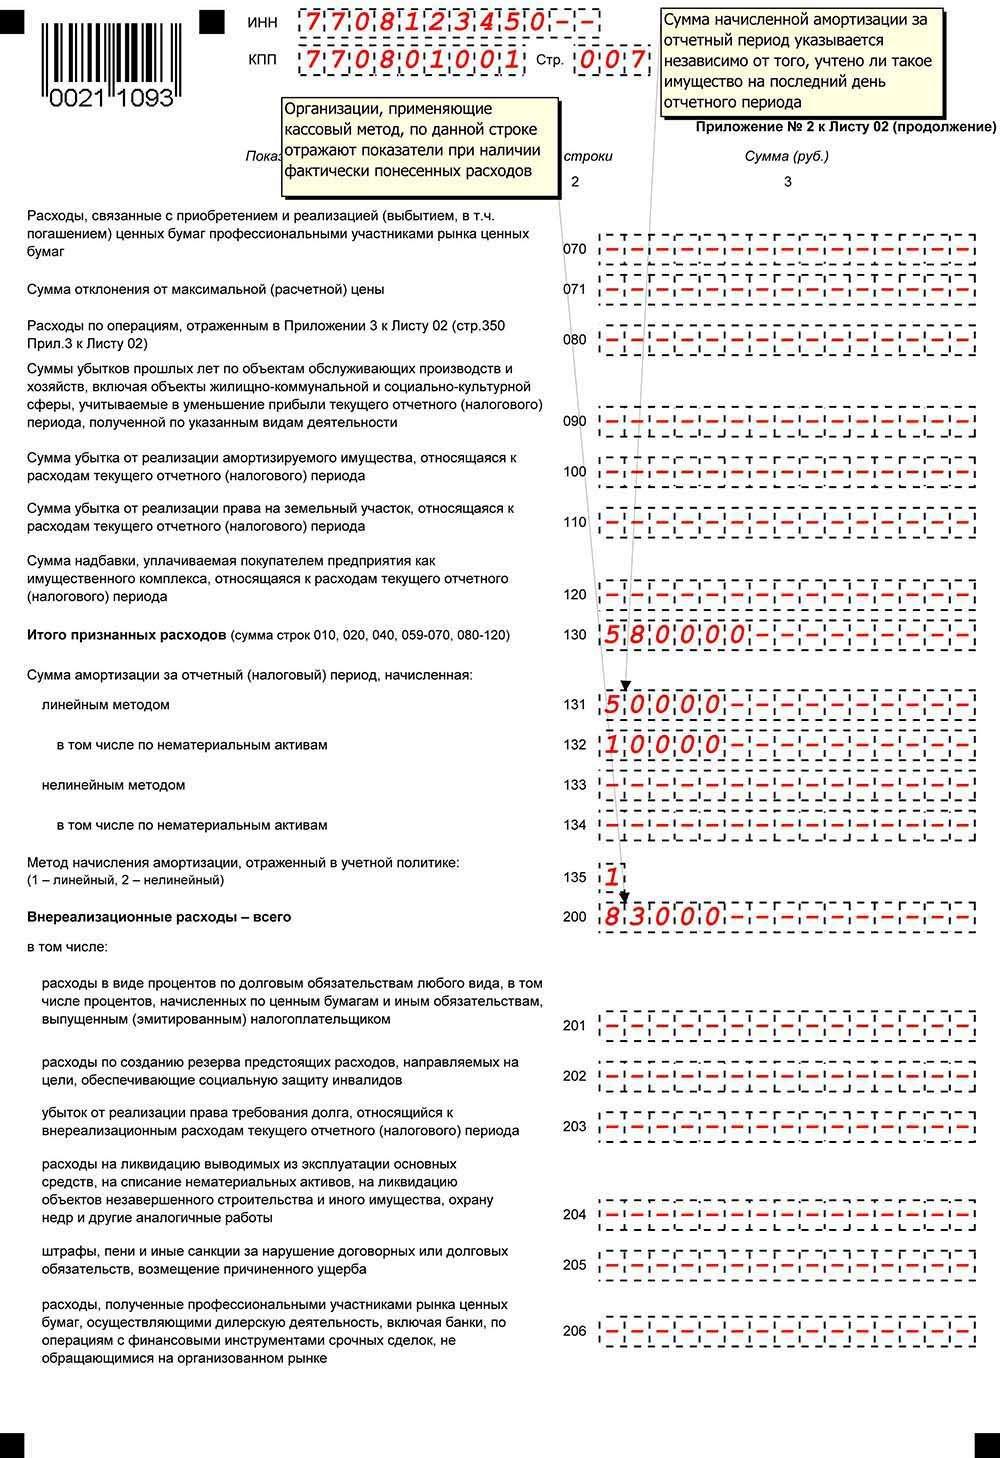 Образец Декларации По Налогу На Прибыль 2014